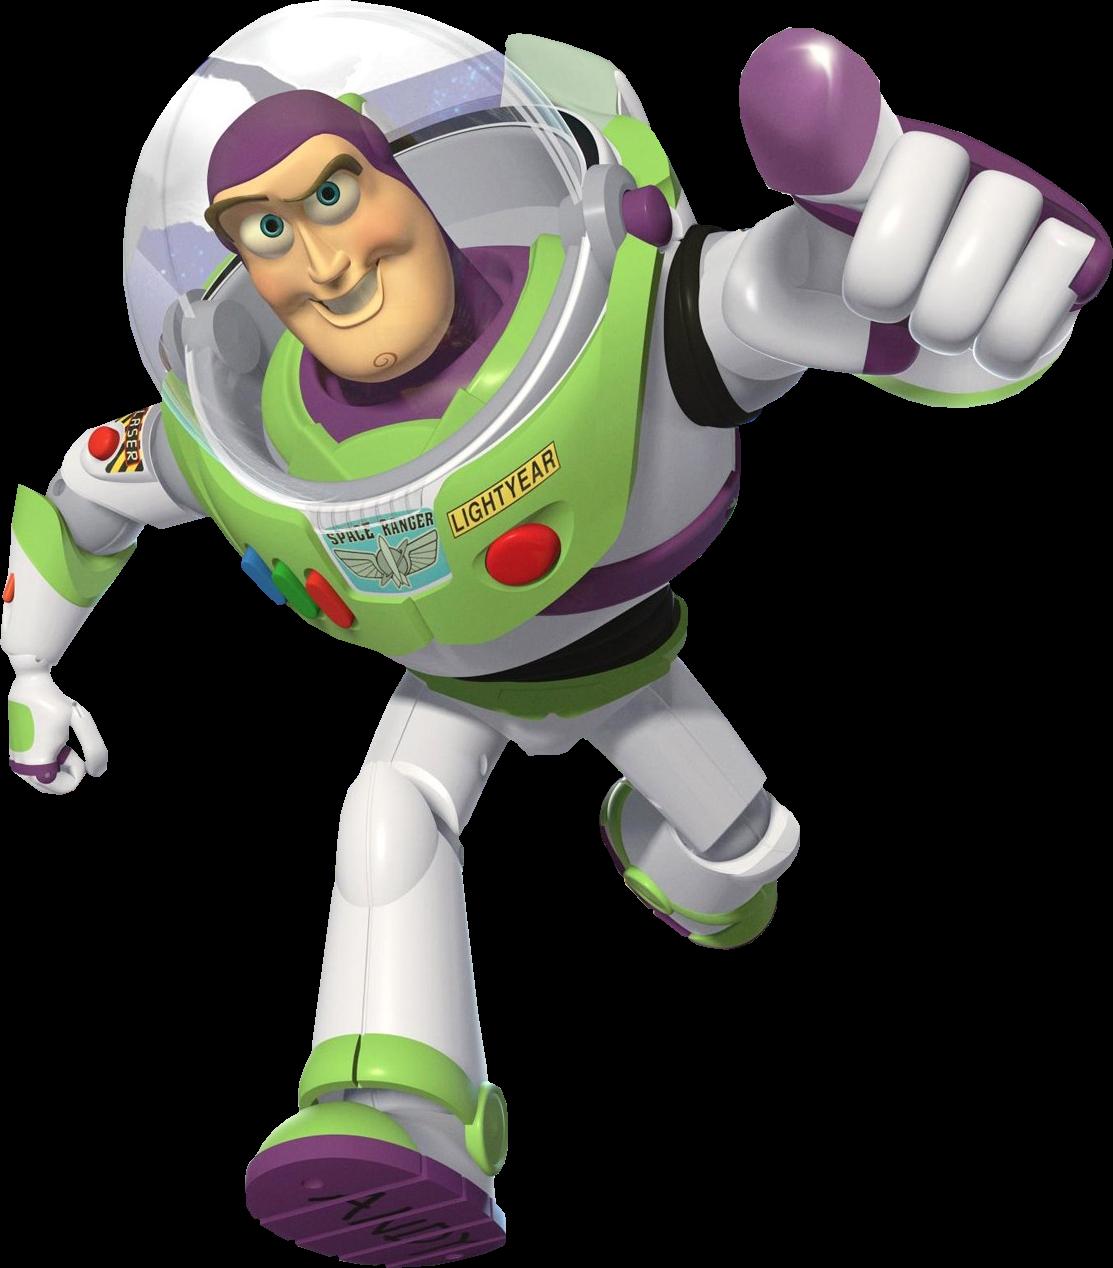 Figura Buzz Lightyear PNG Toy Story PNG com fundo transparente